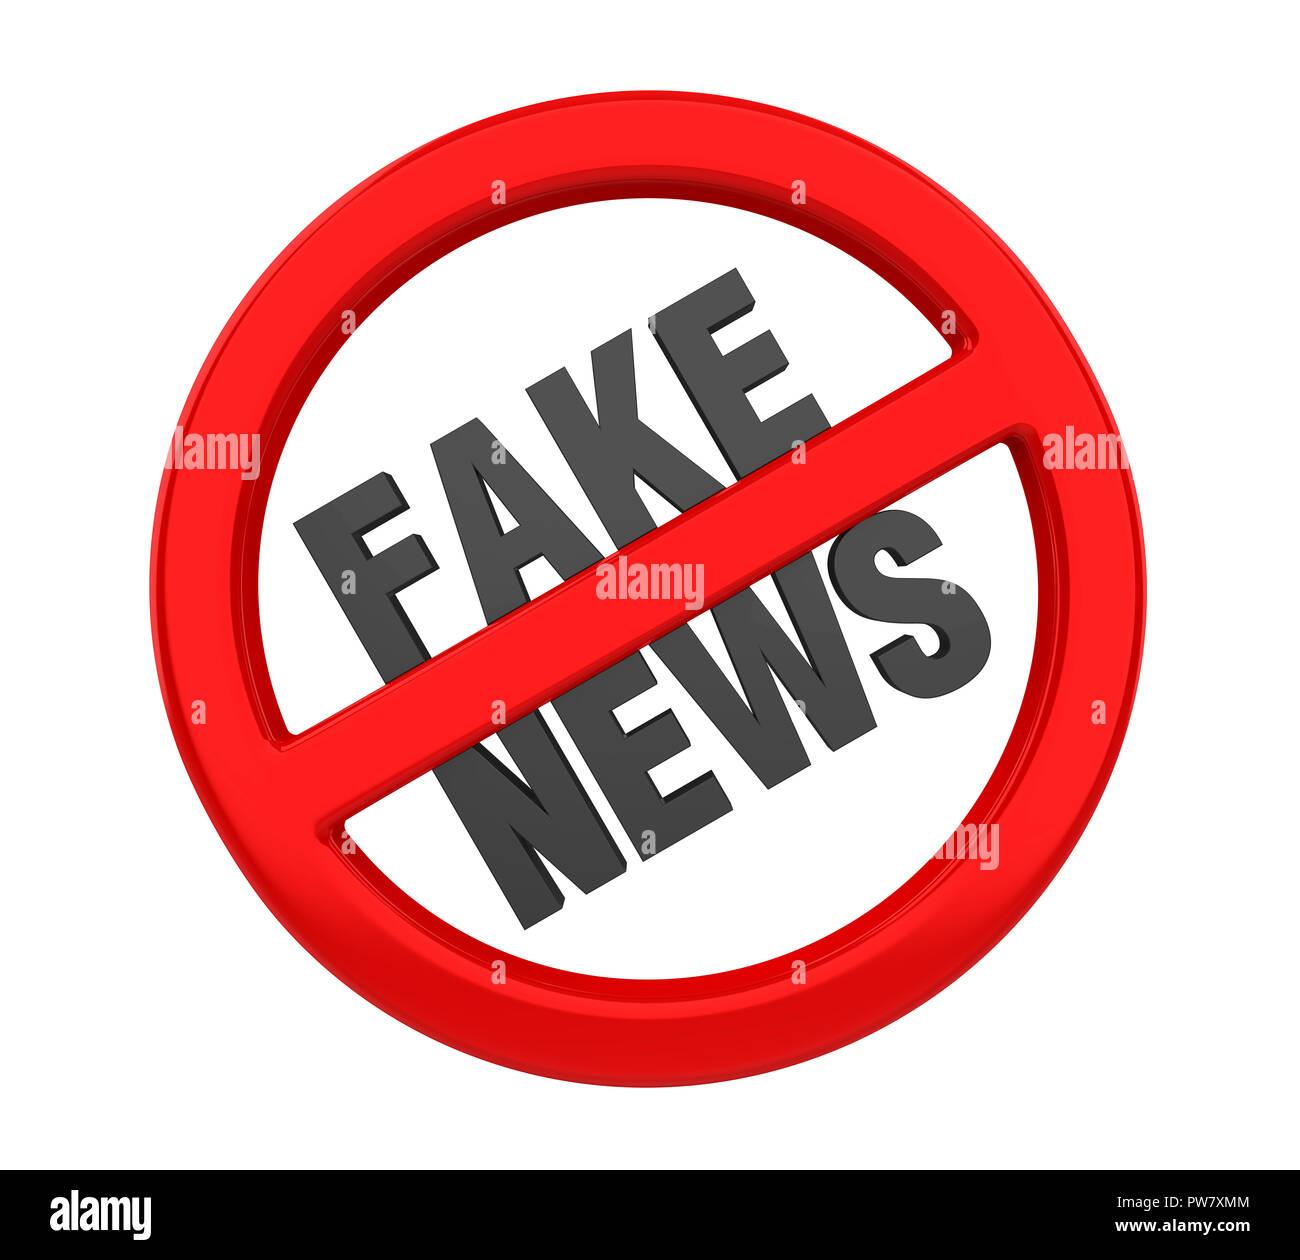 Hoax / Fake News concetto isolato Immagini Stock